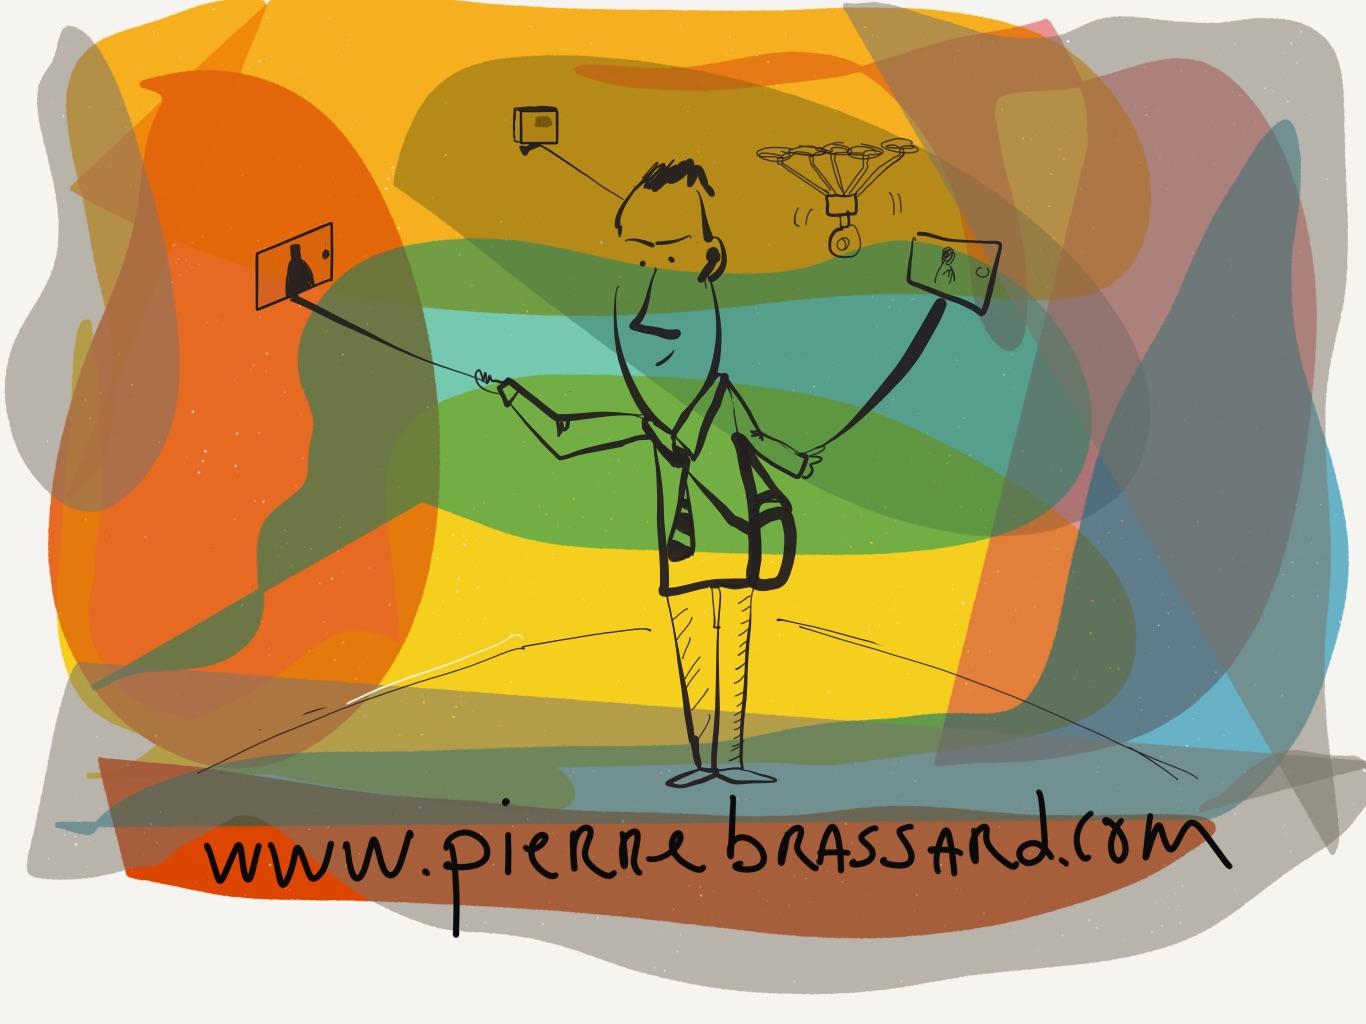 Bienvenue sur le site de Pierre Brassard